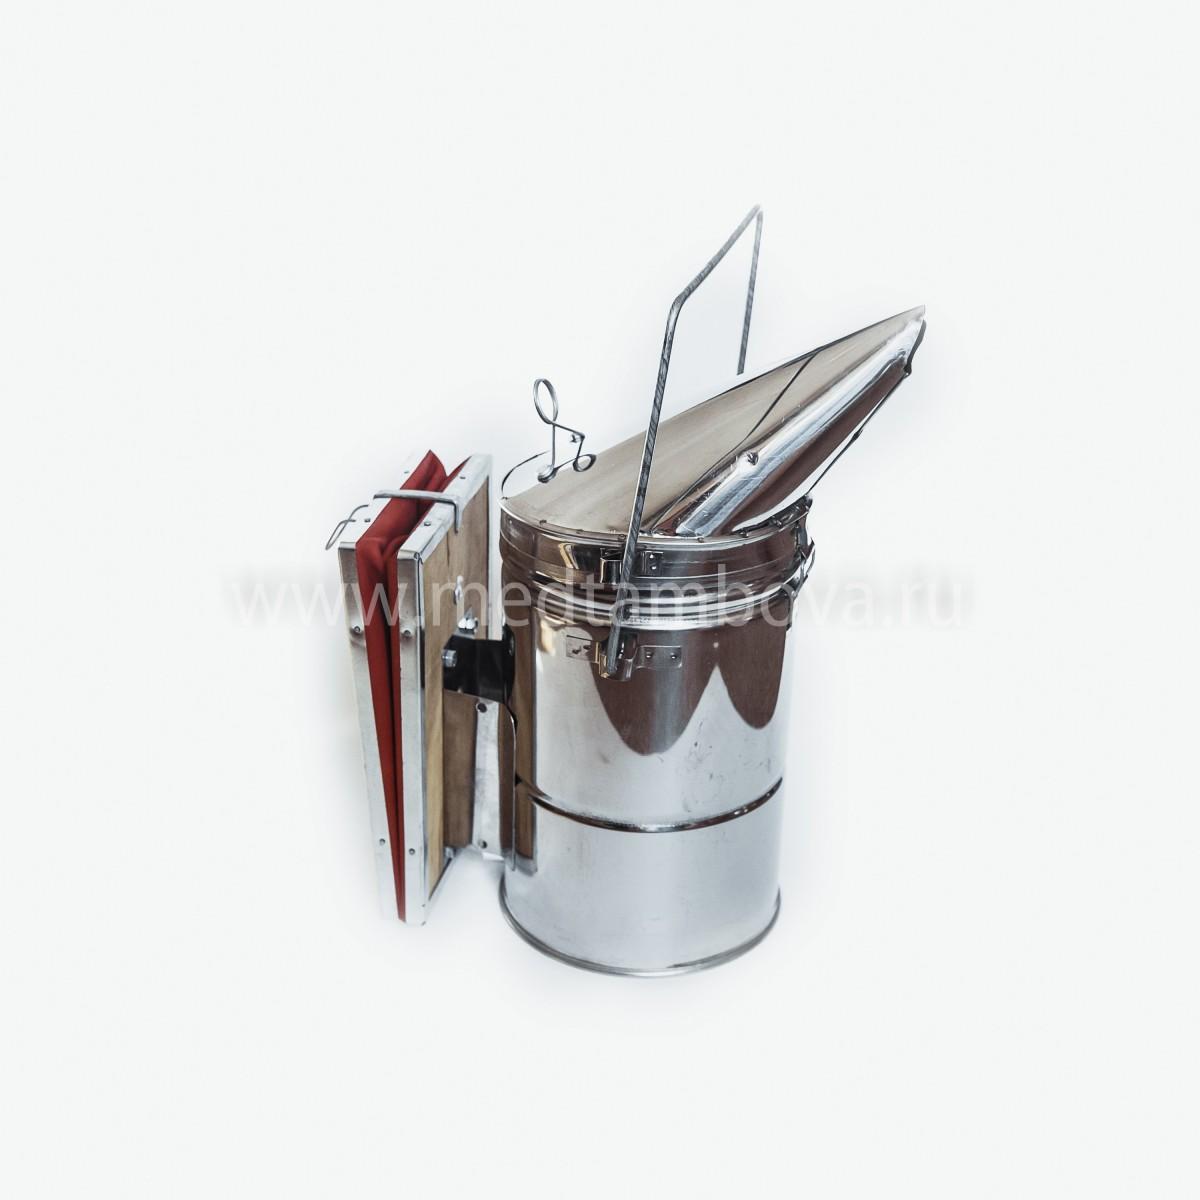 Дымарь нержавейка увеличенный мех кожаный D=135 мм